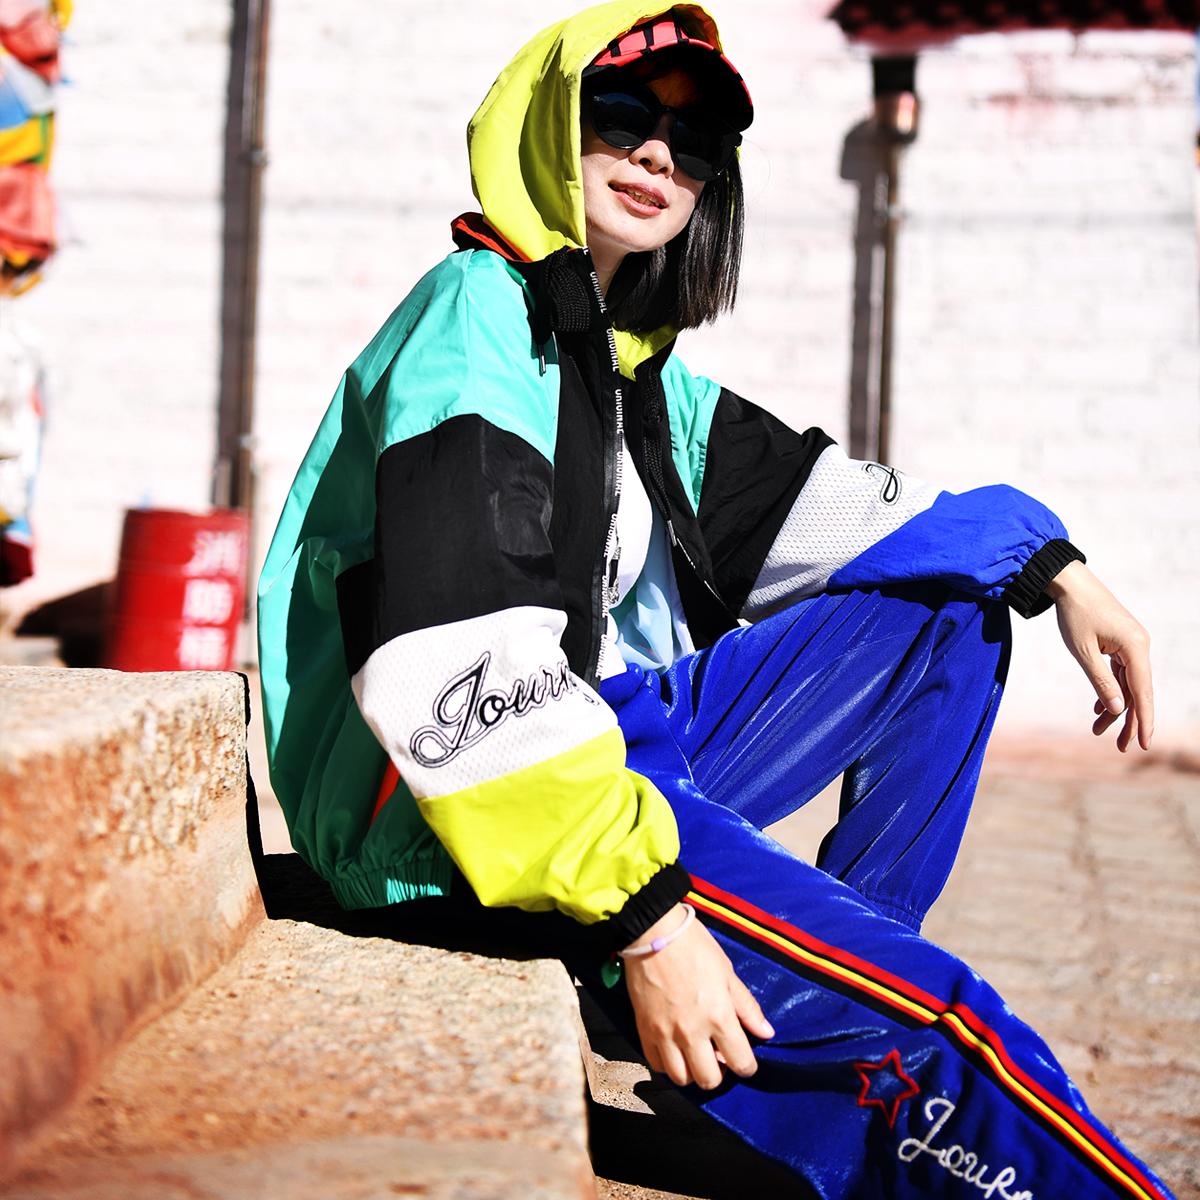 北京森林新款户外运动透气拼色速干衣开衫外套女式限量无补